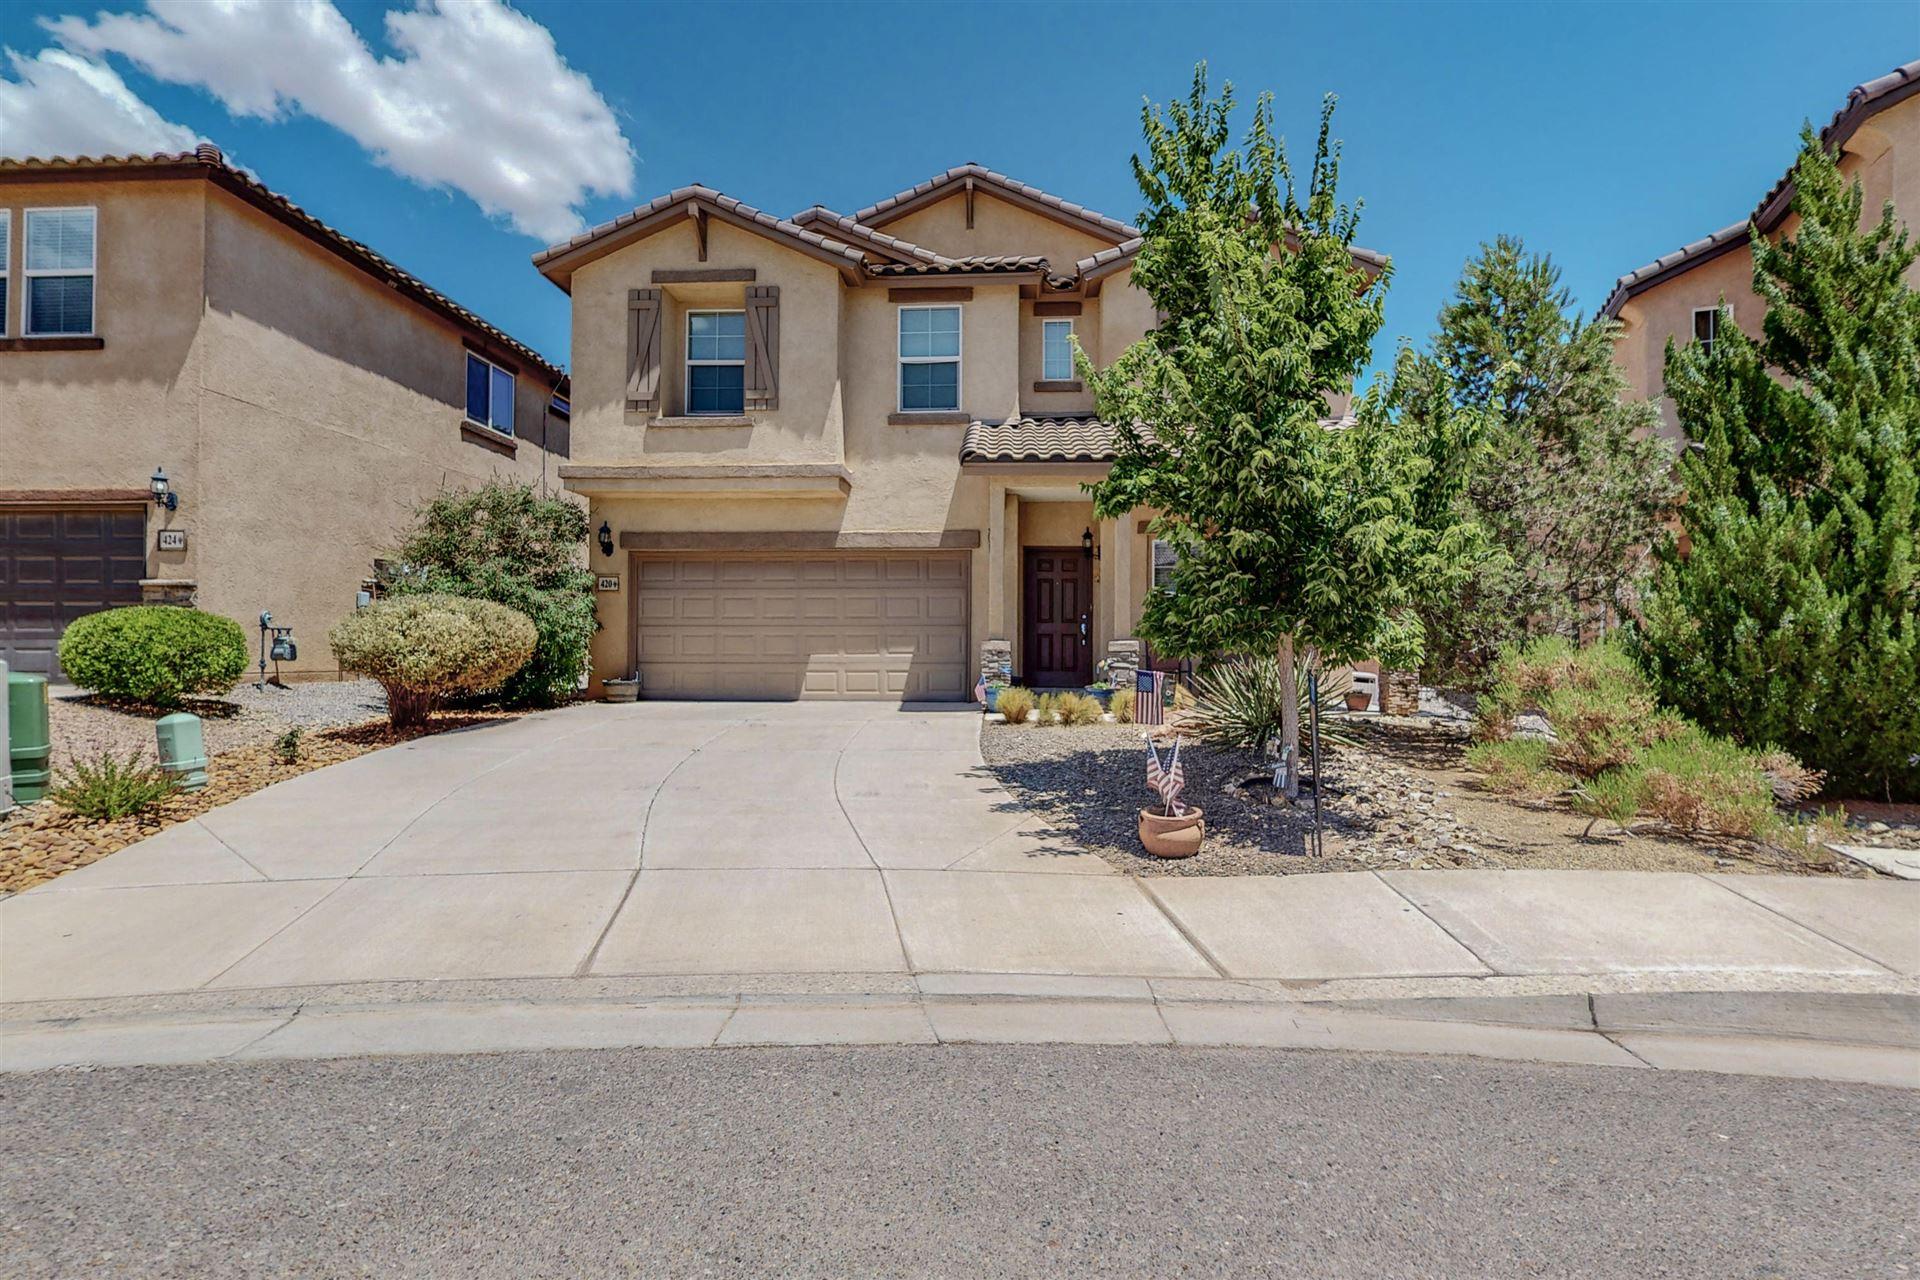 420 VISTA ROJA Place, Rio Rancho, NM 87124 - #: 997805